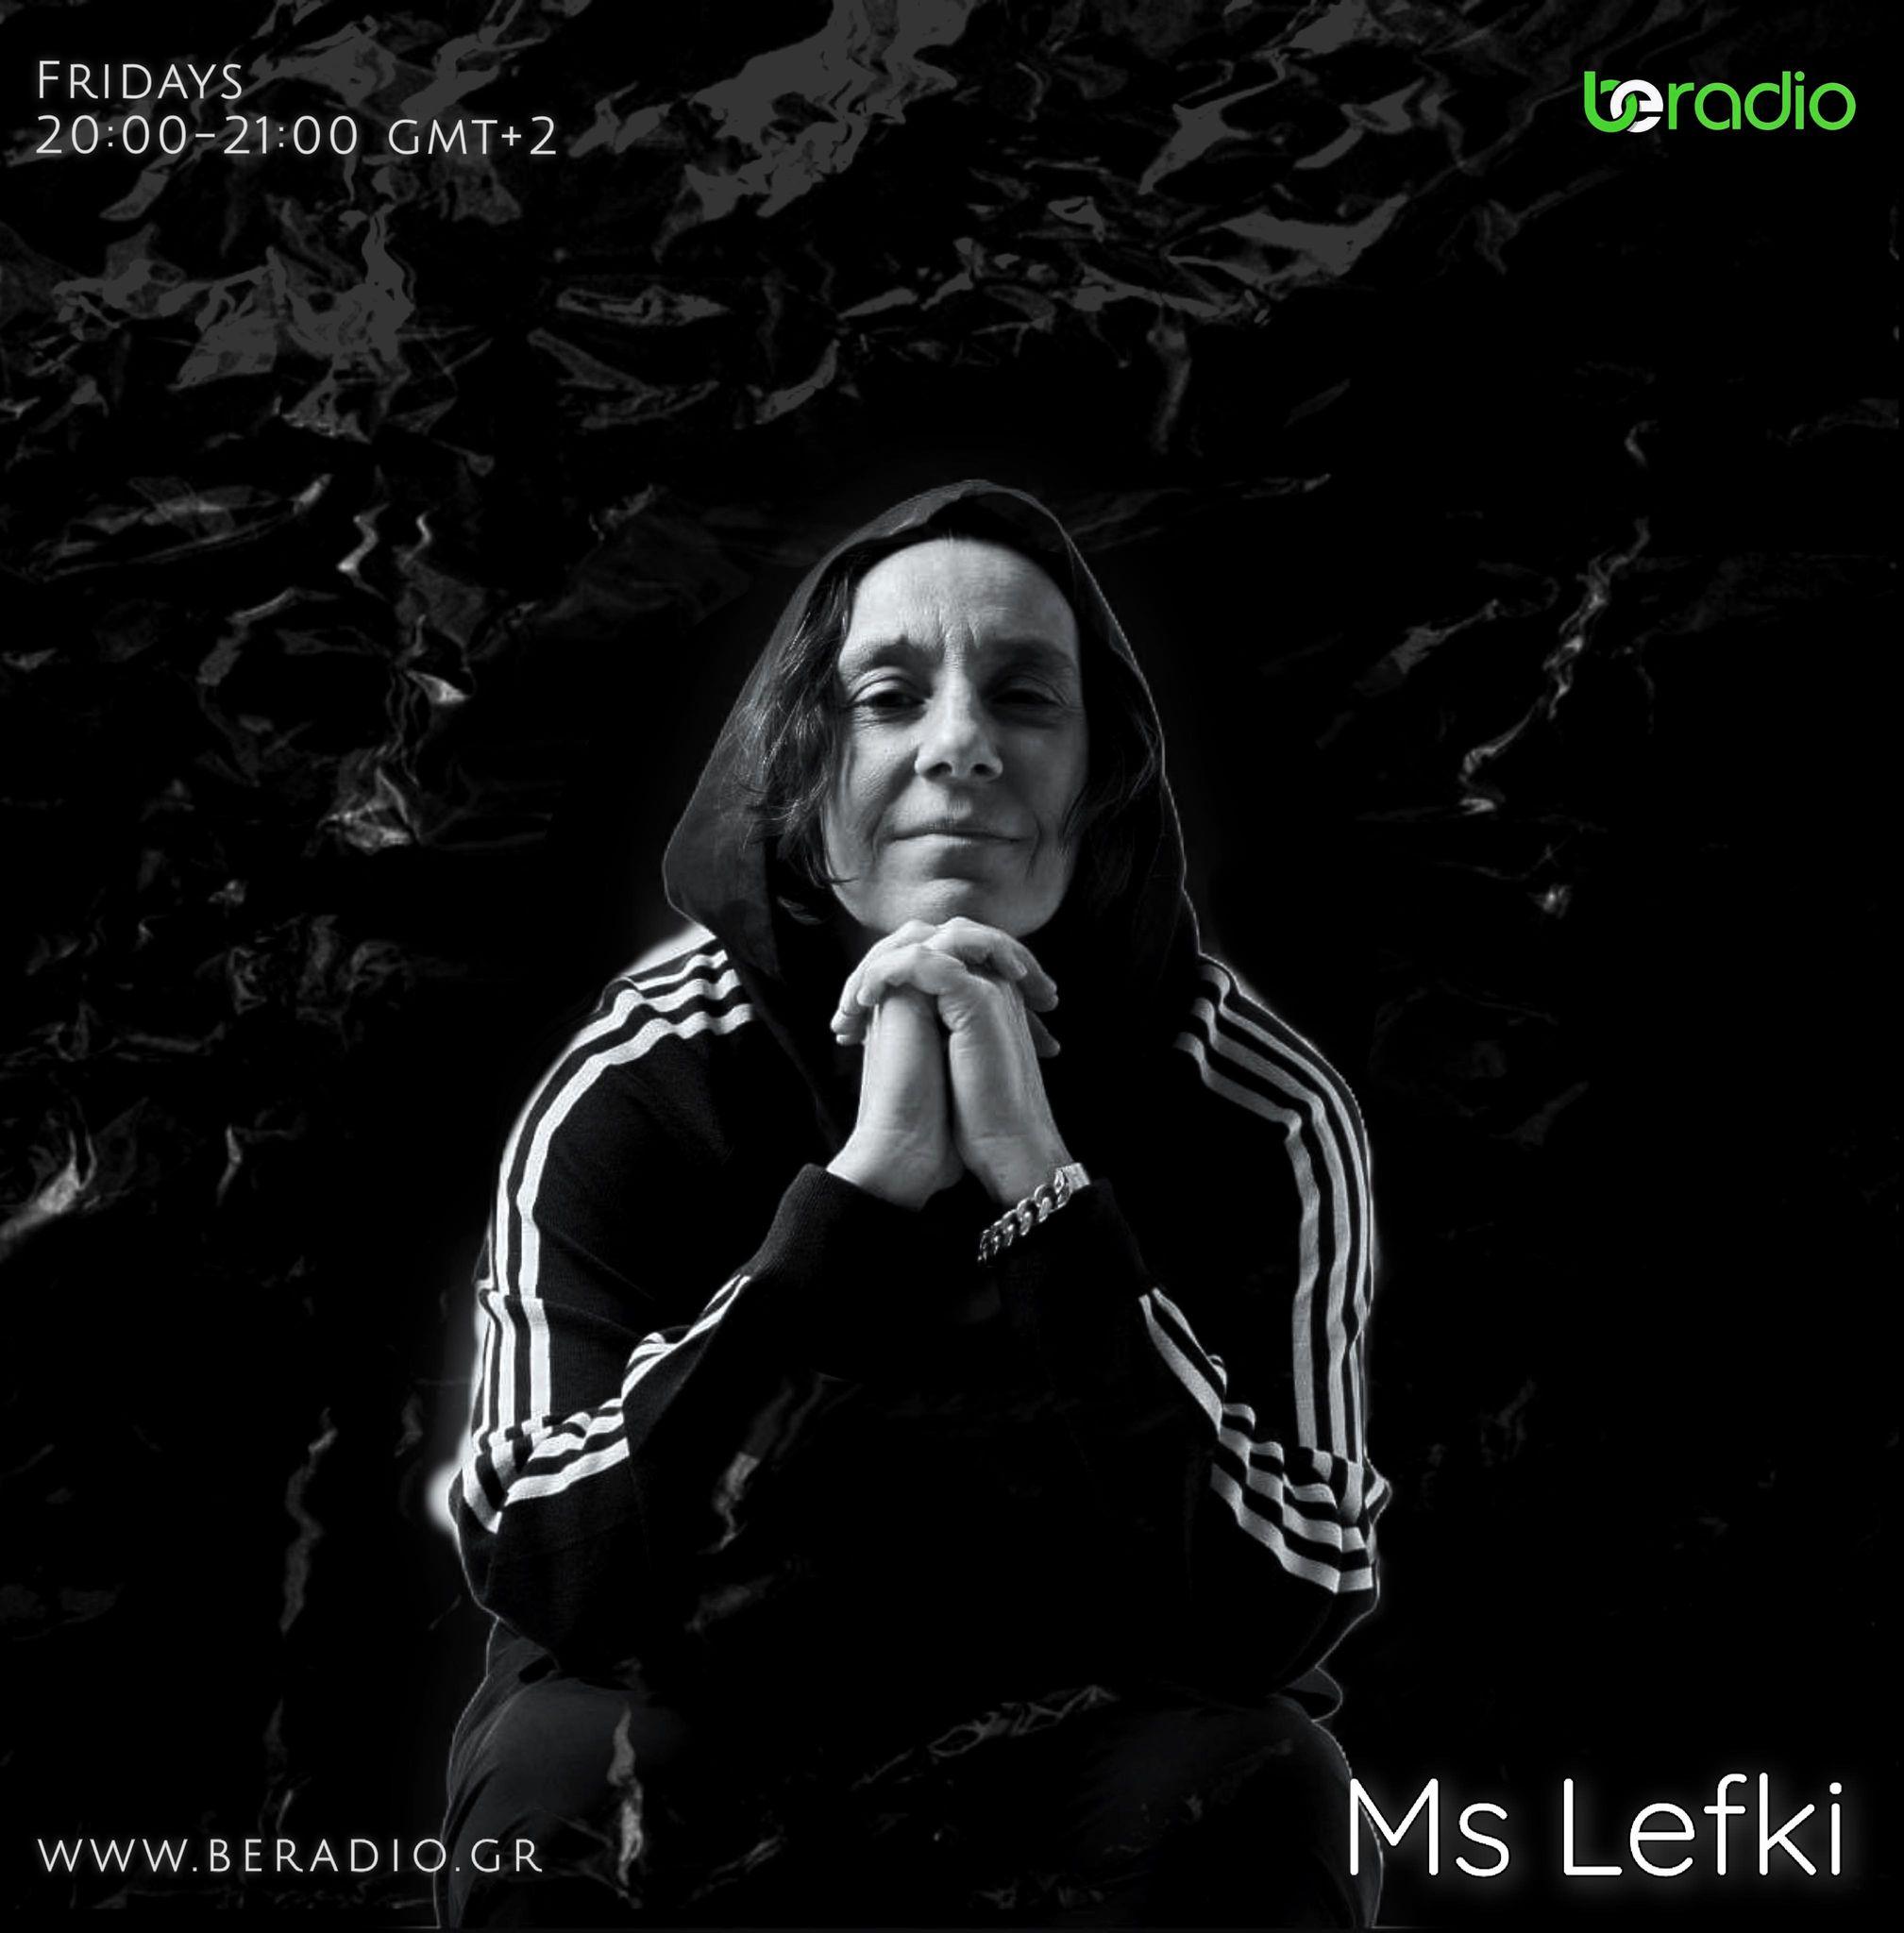 MS LEFKI